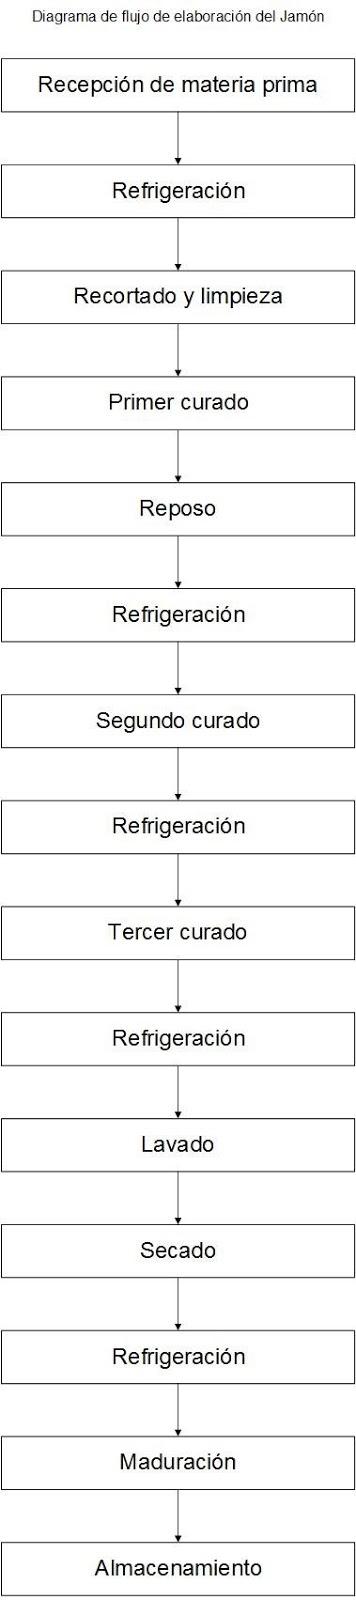 Diagramas de los procesos crnicos procesos industriales regionales jamn ccuart Gallery